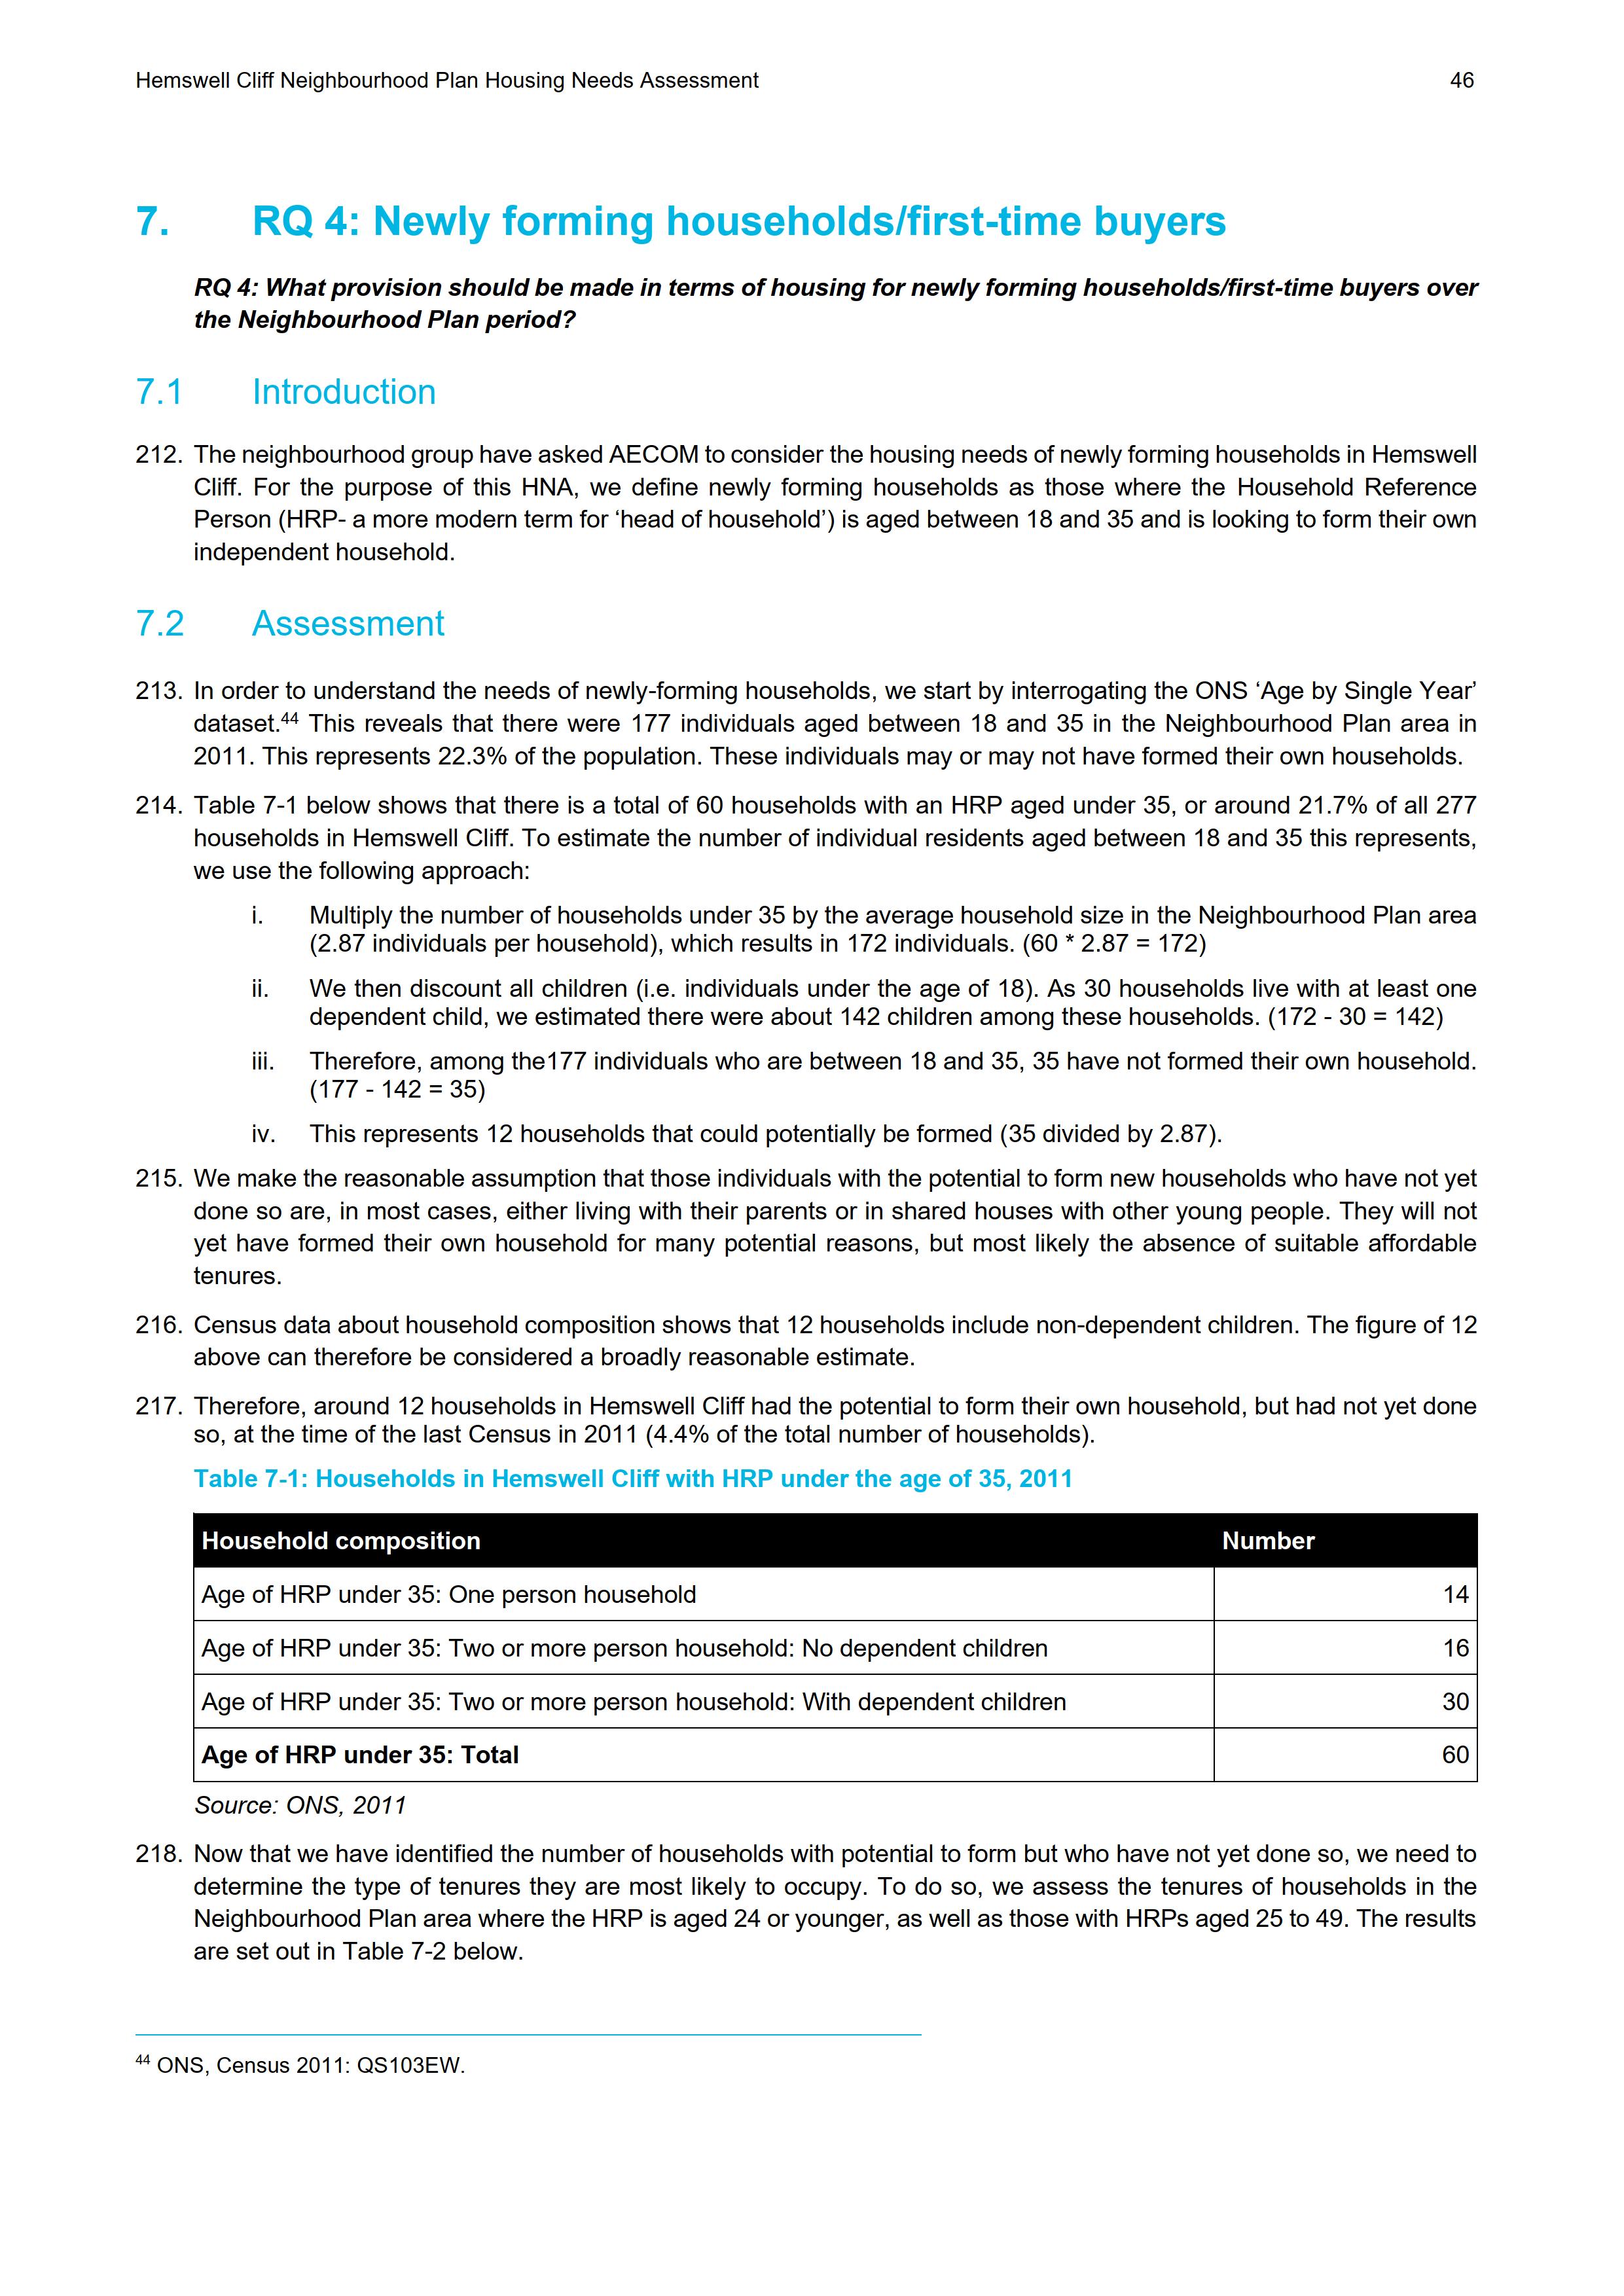 Hemswell_Cliff_Housing_Needs_Assessment_Final_46.png